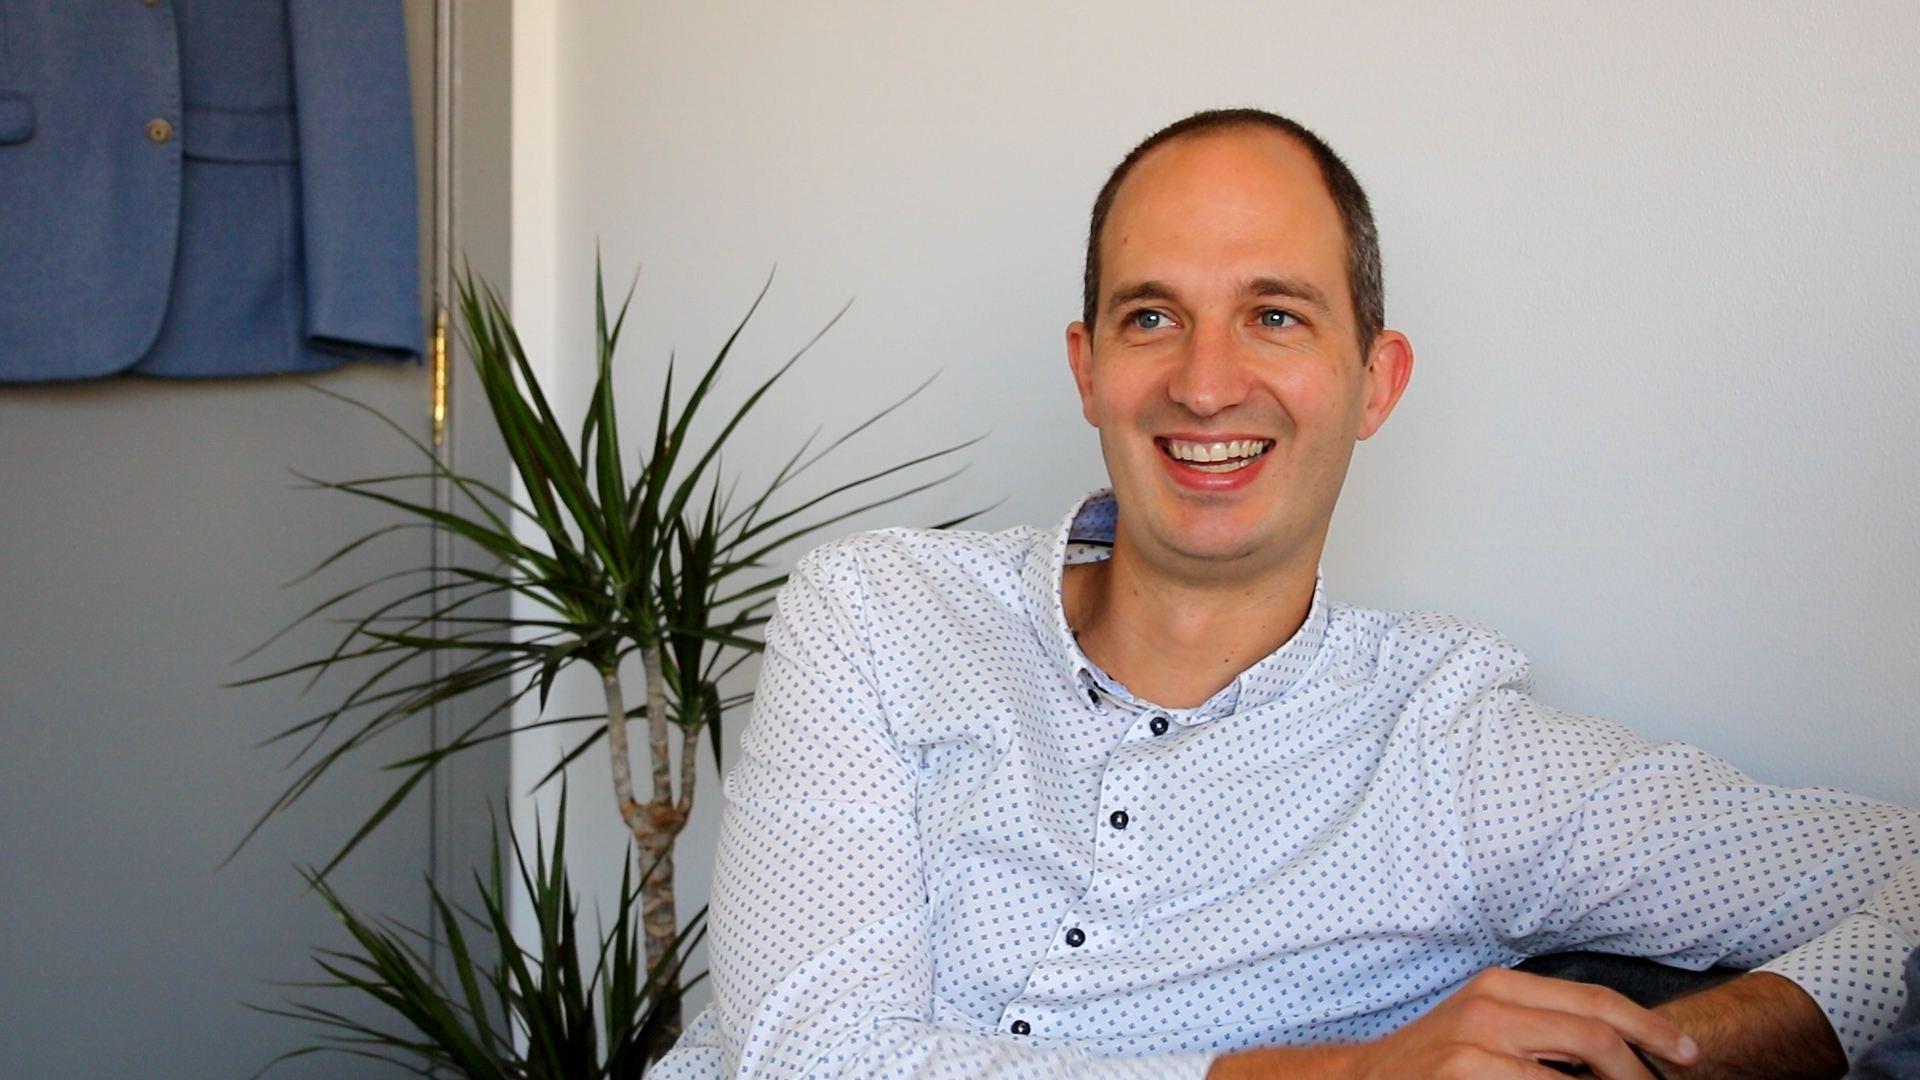 Alexander Hoogewijs - SiteManager